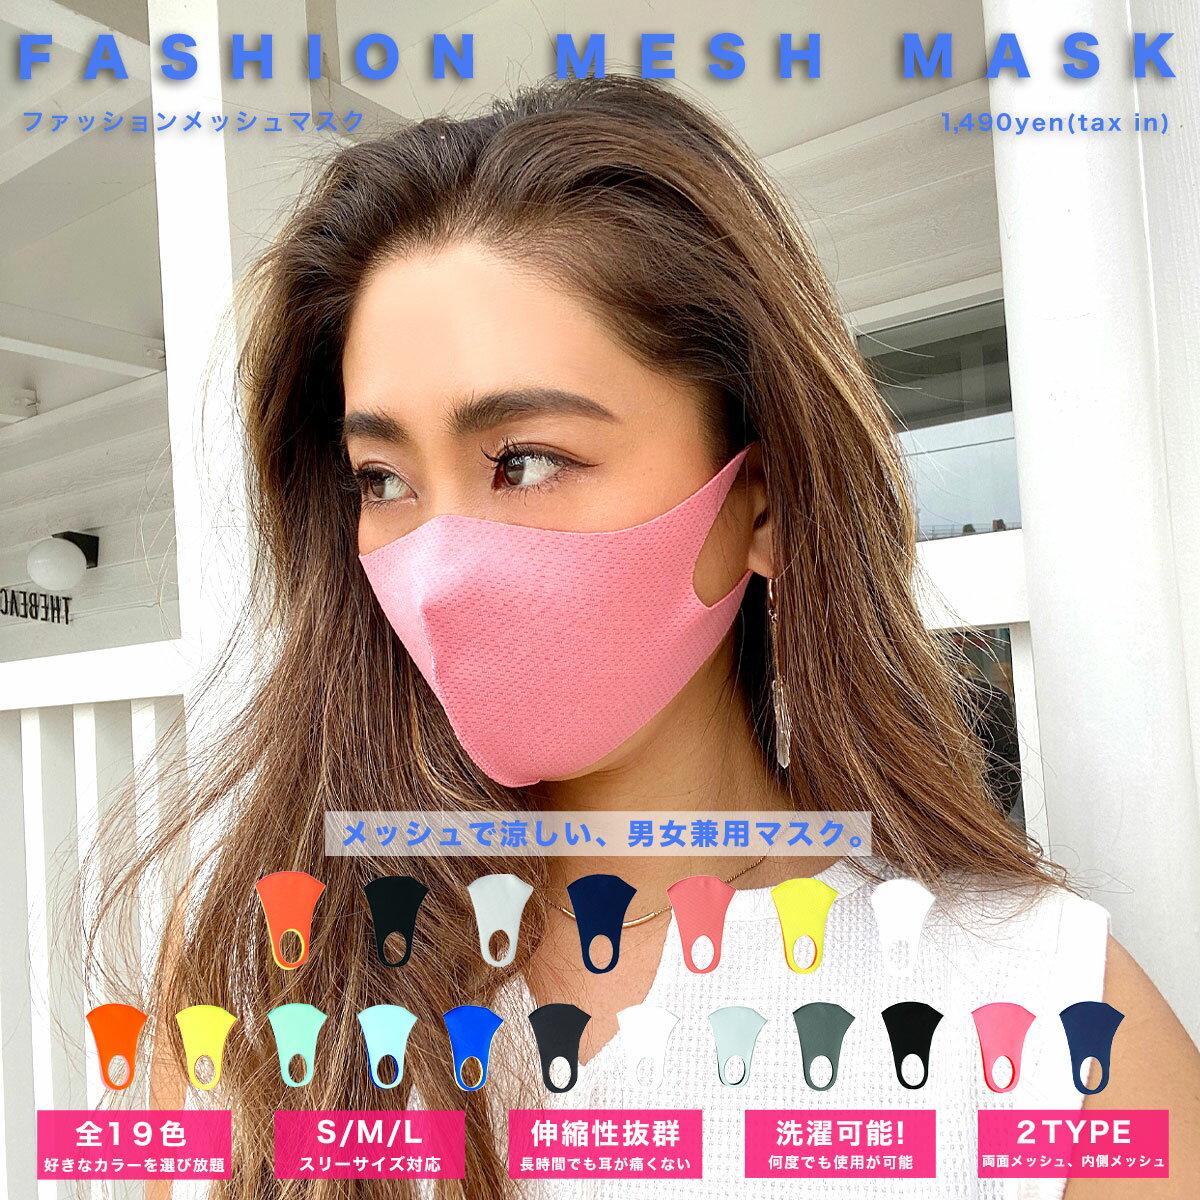 洗い ウレタン 方 マスク